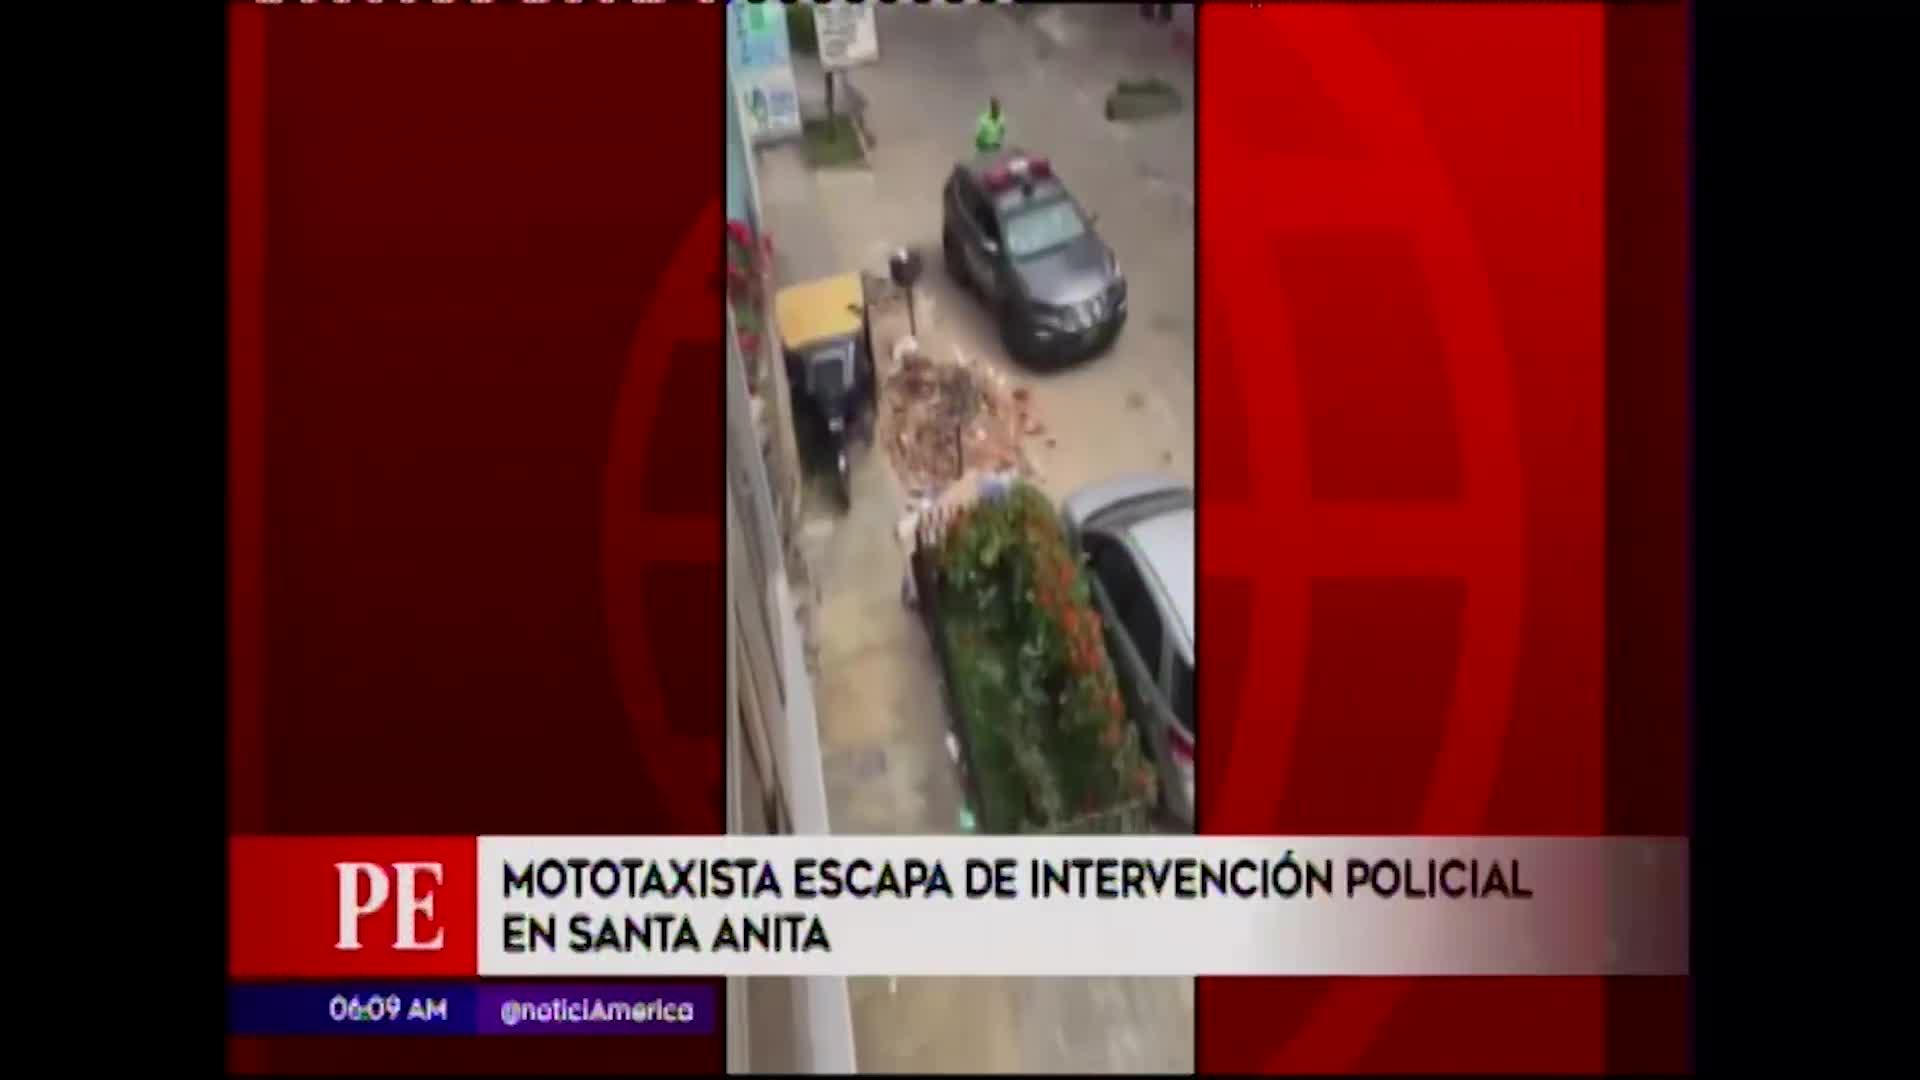 Santa Anita: sorprendente huida de mototaxista que evitó intervención policial